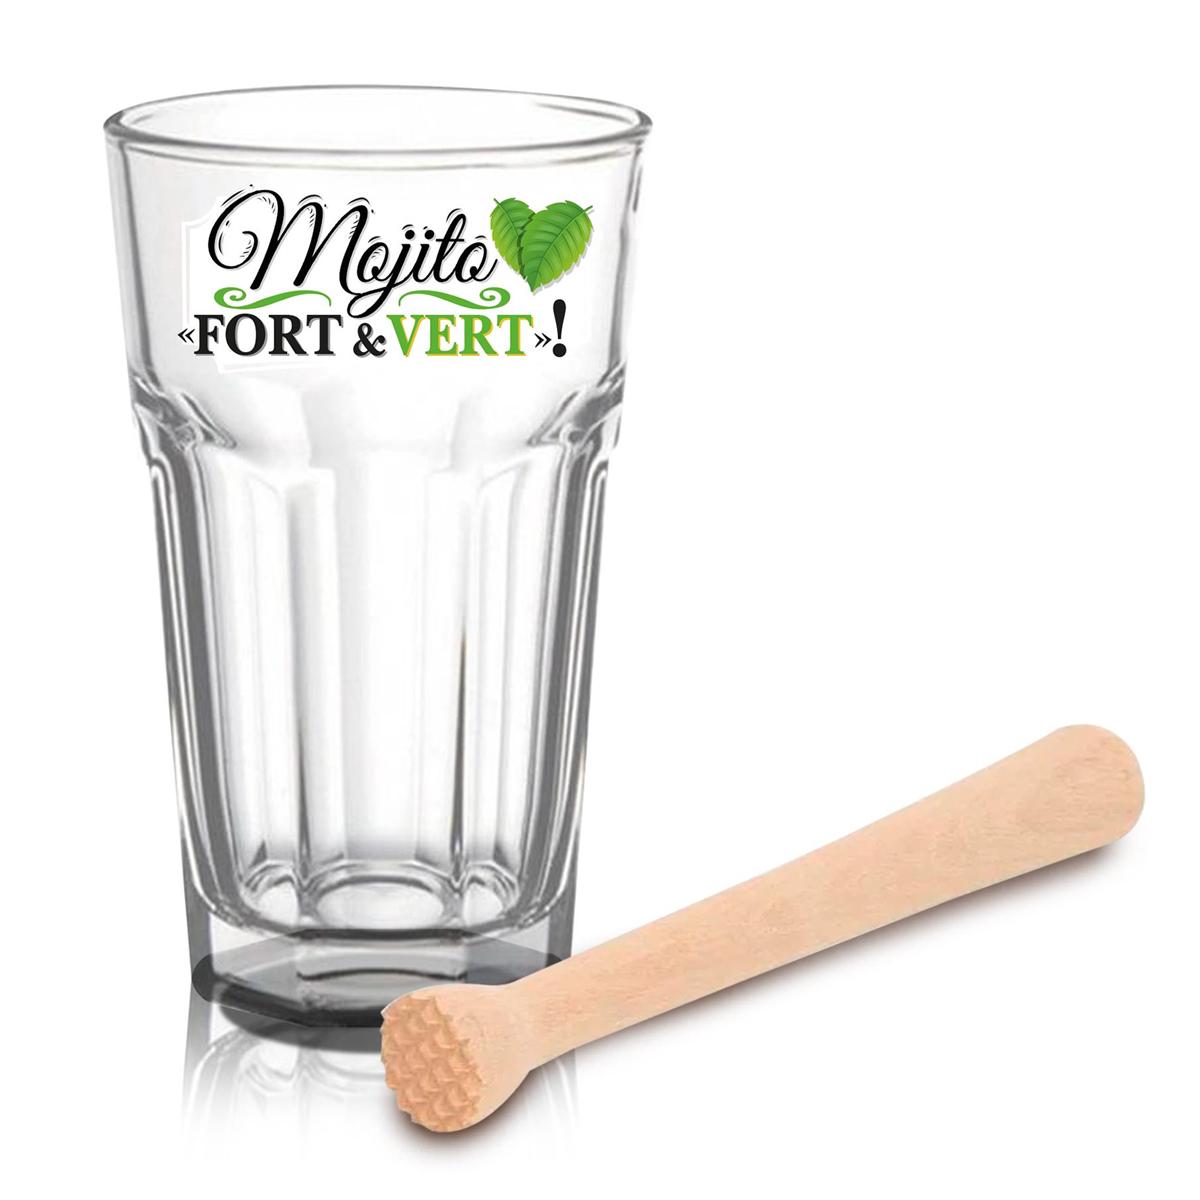 Coffret verre à bière et pilon à cocktail \'Mojito\' - 19x15x9 cm (Fort et Vert !) - [A1526]